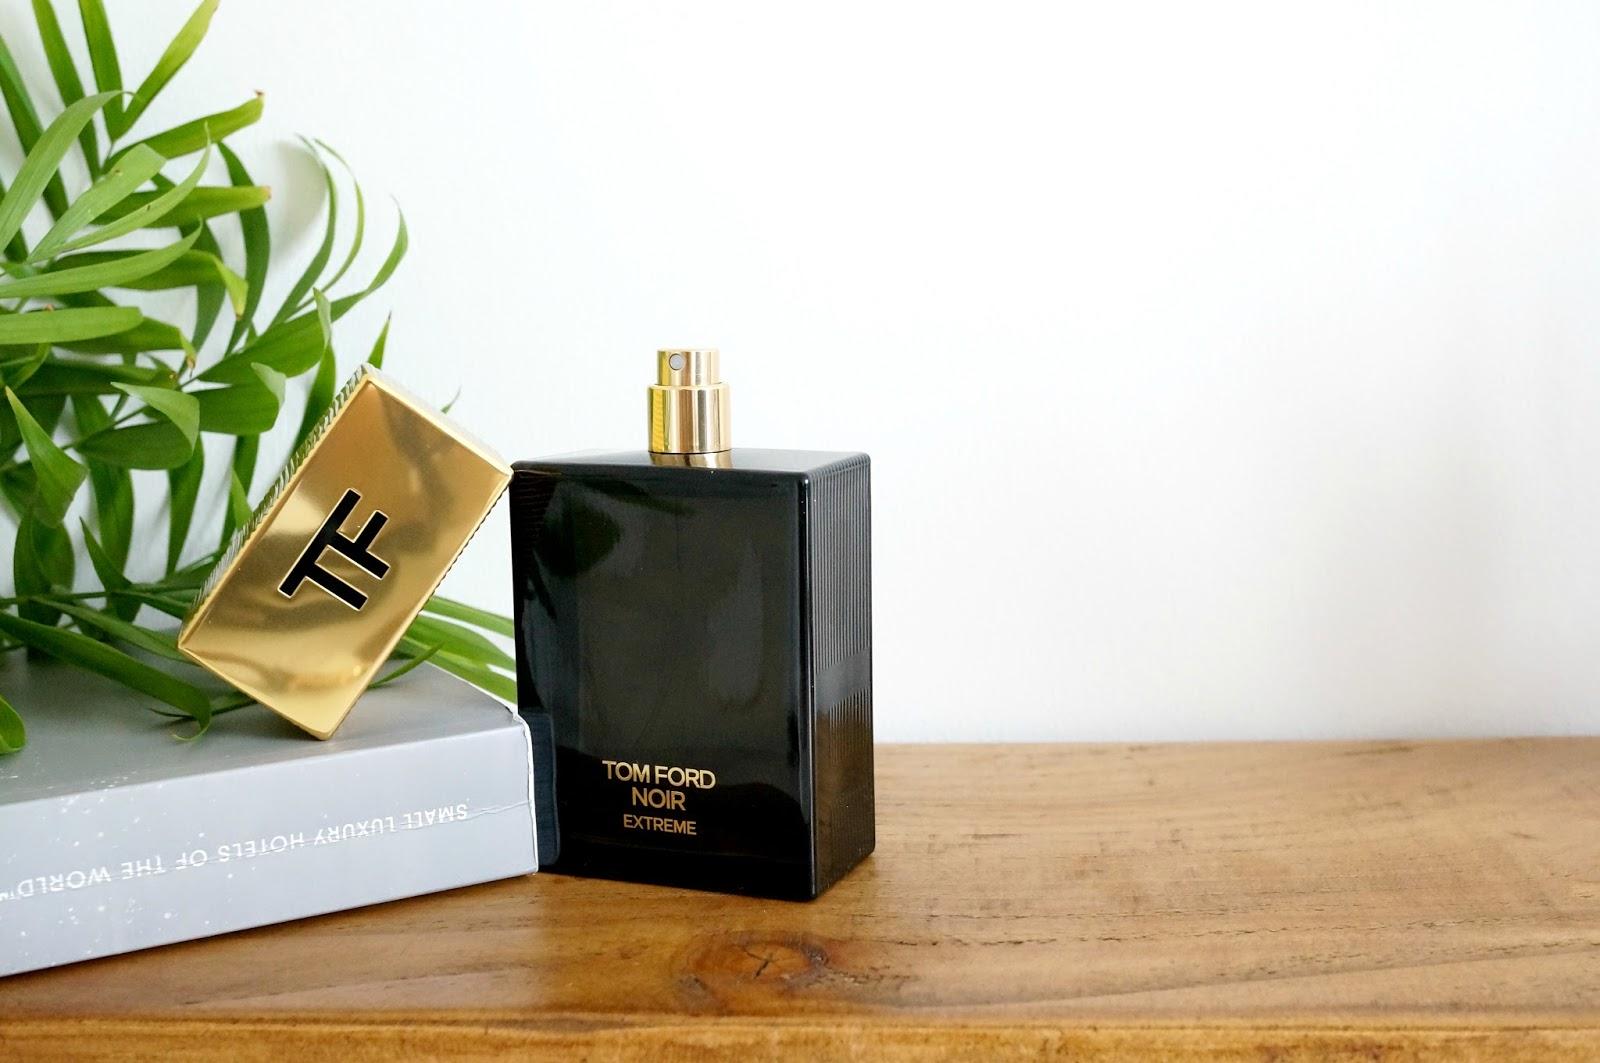 com emulsion hydrating tom noir amazon de pour eau for ounce parfum women femme dp ford